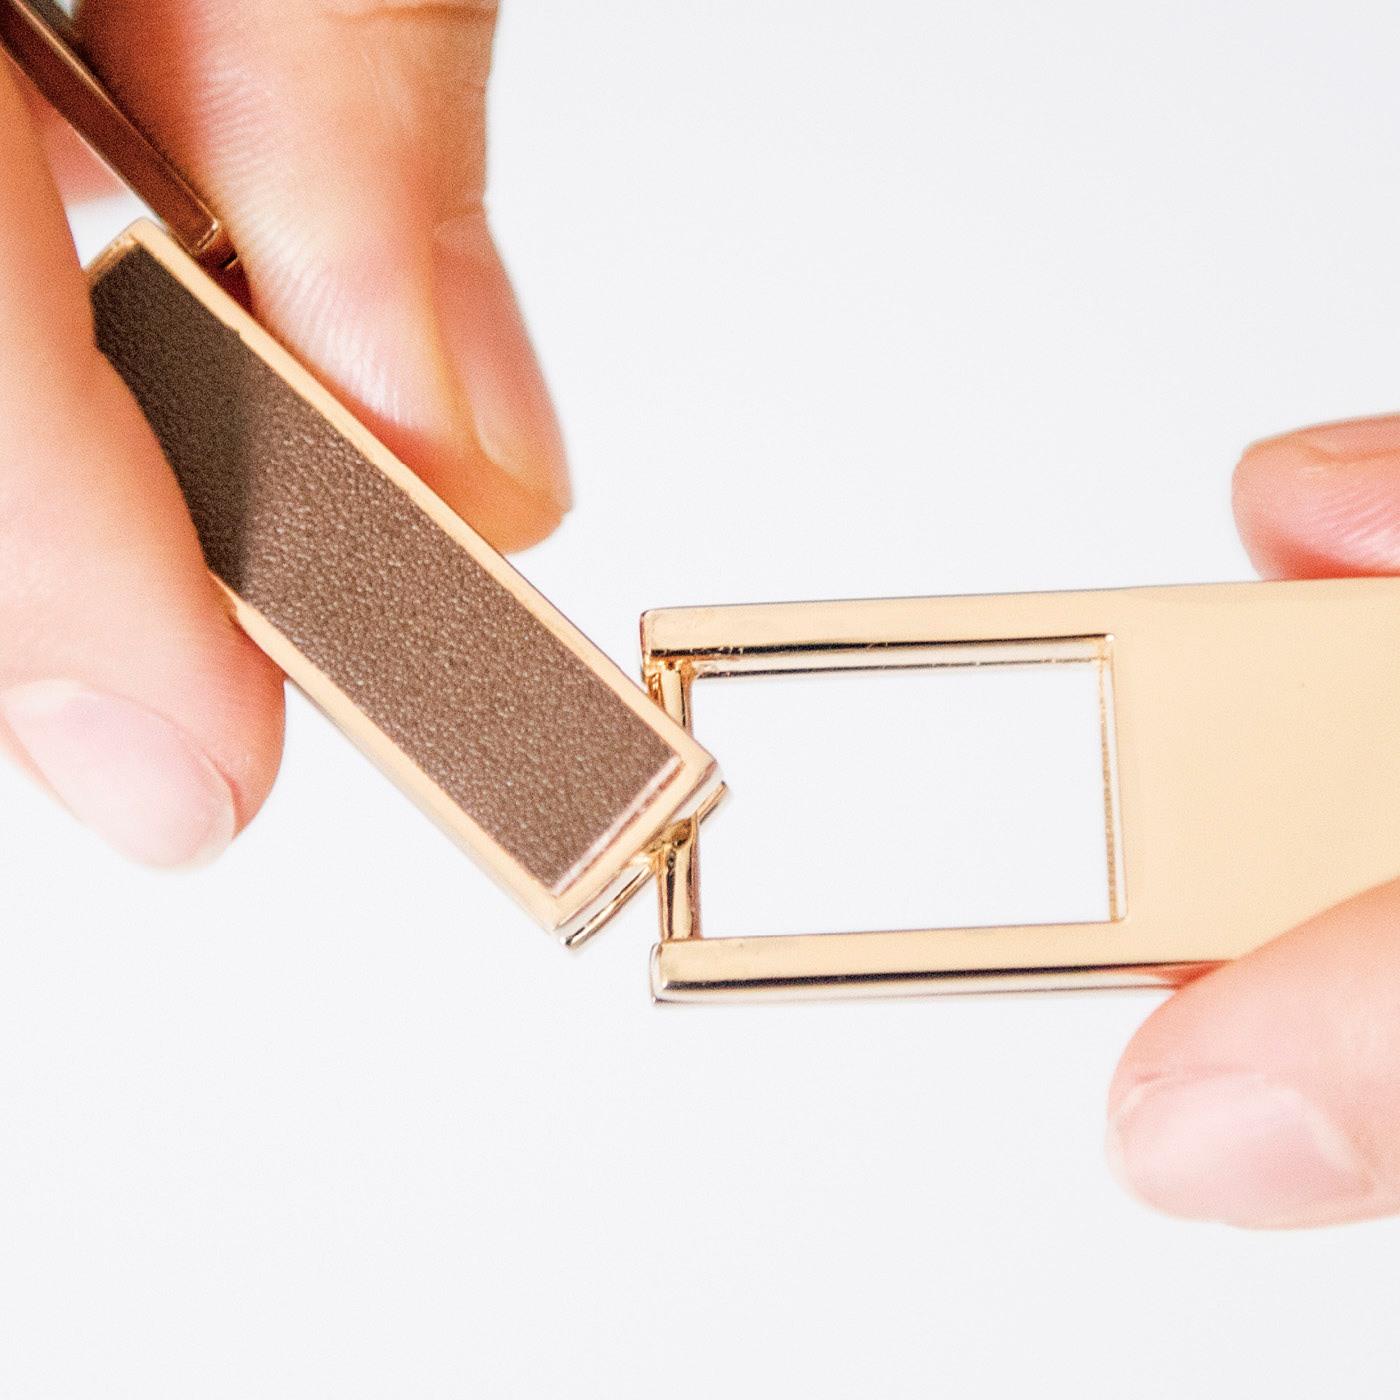 バックルの溝を金具に通してカチャッとはめます。